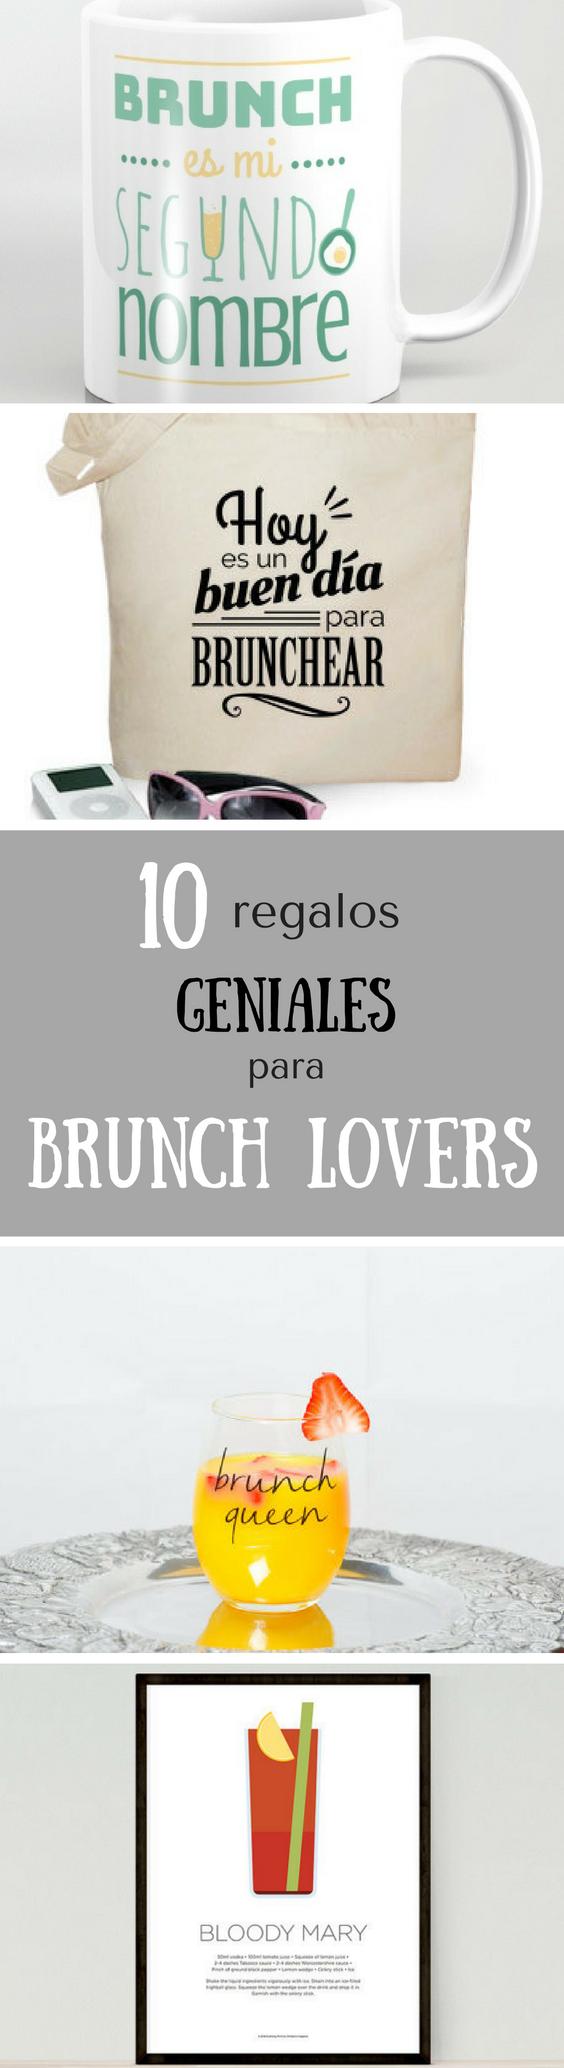 Regalos geniales para brunch lovers